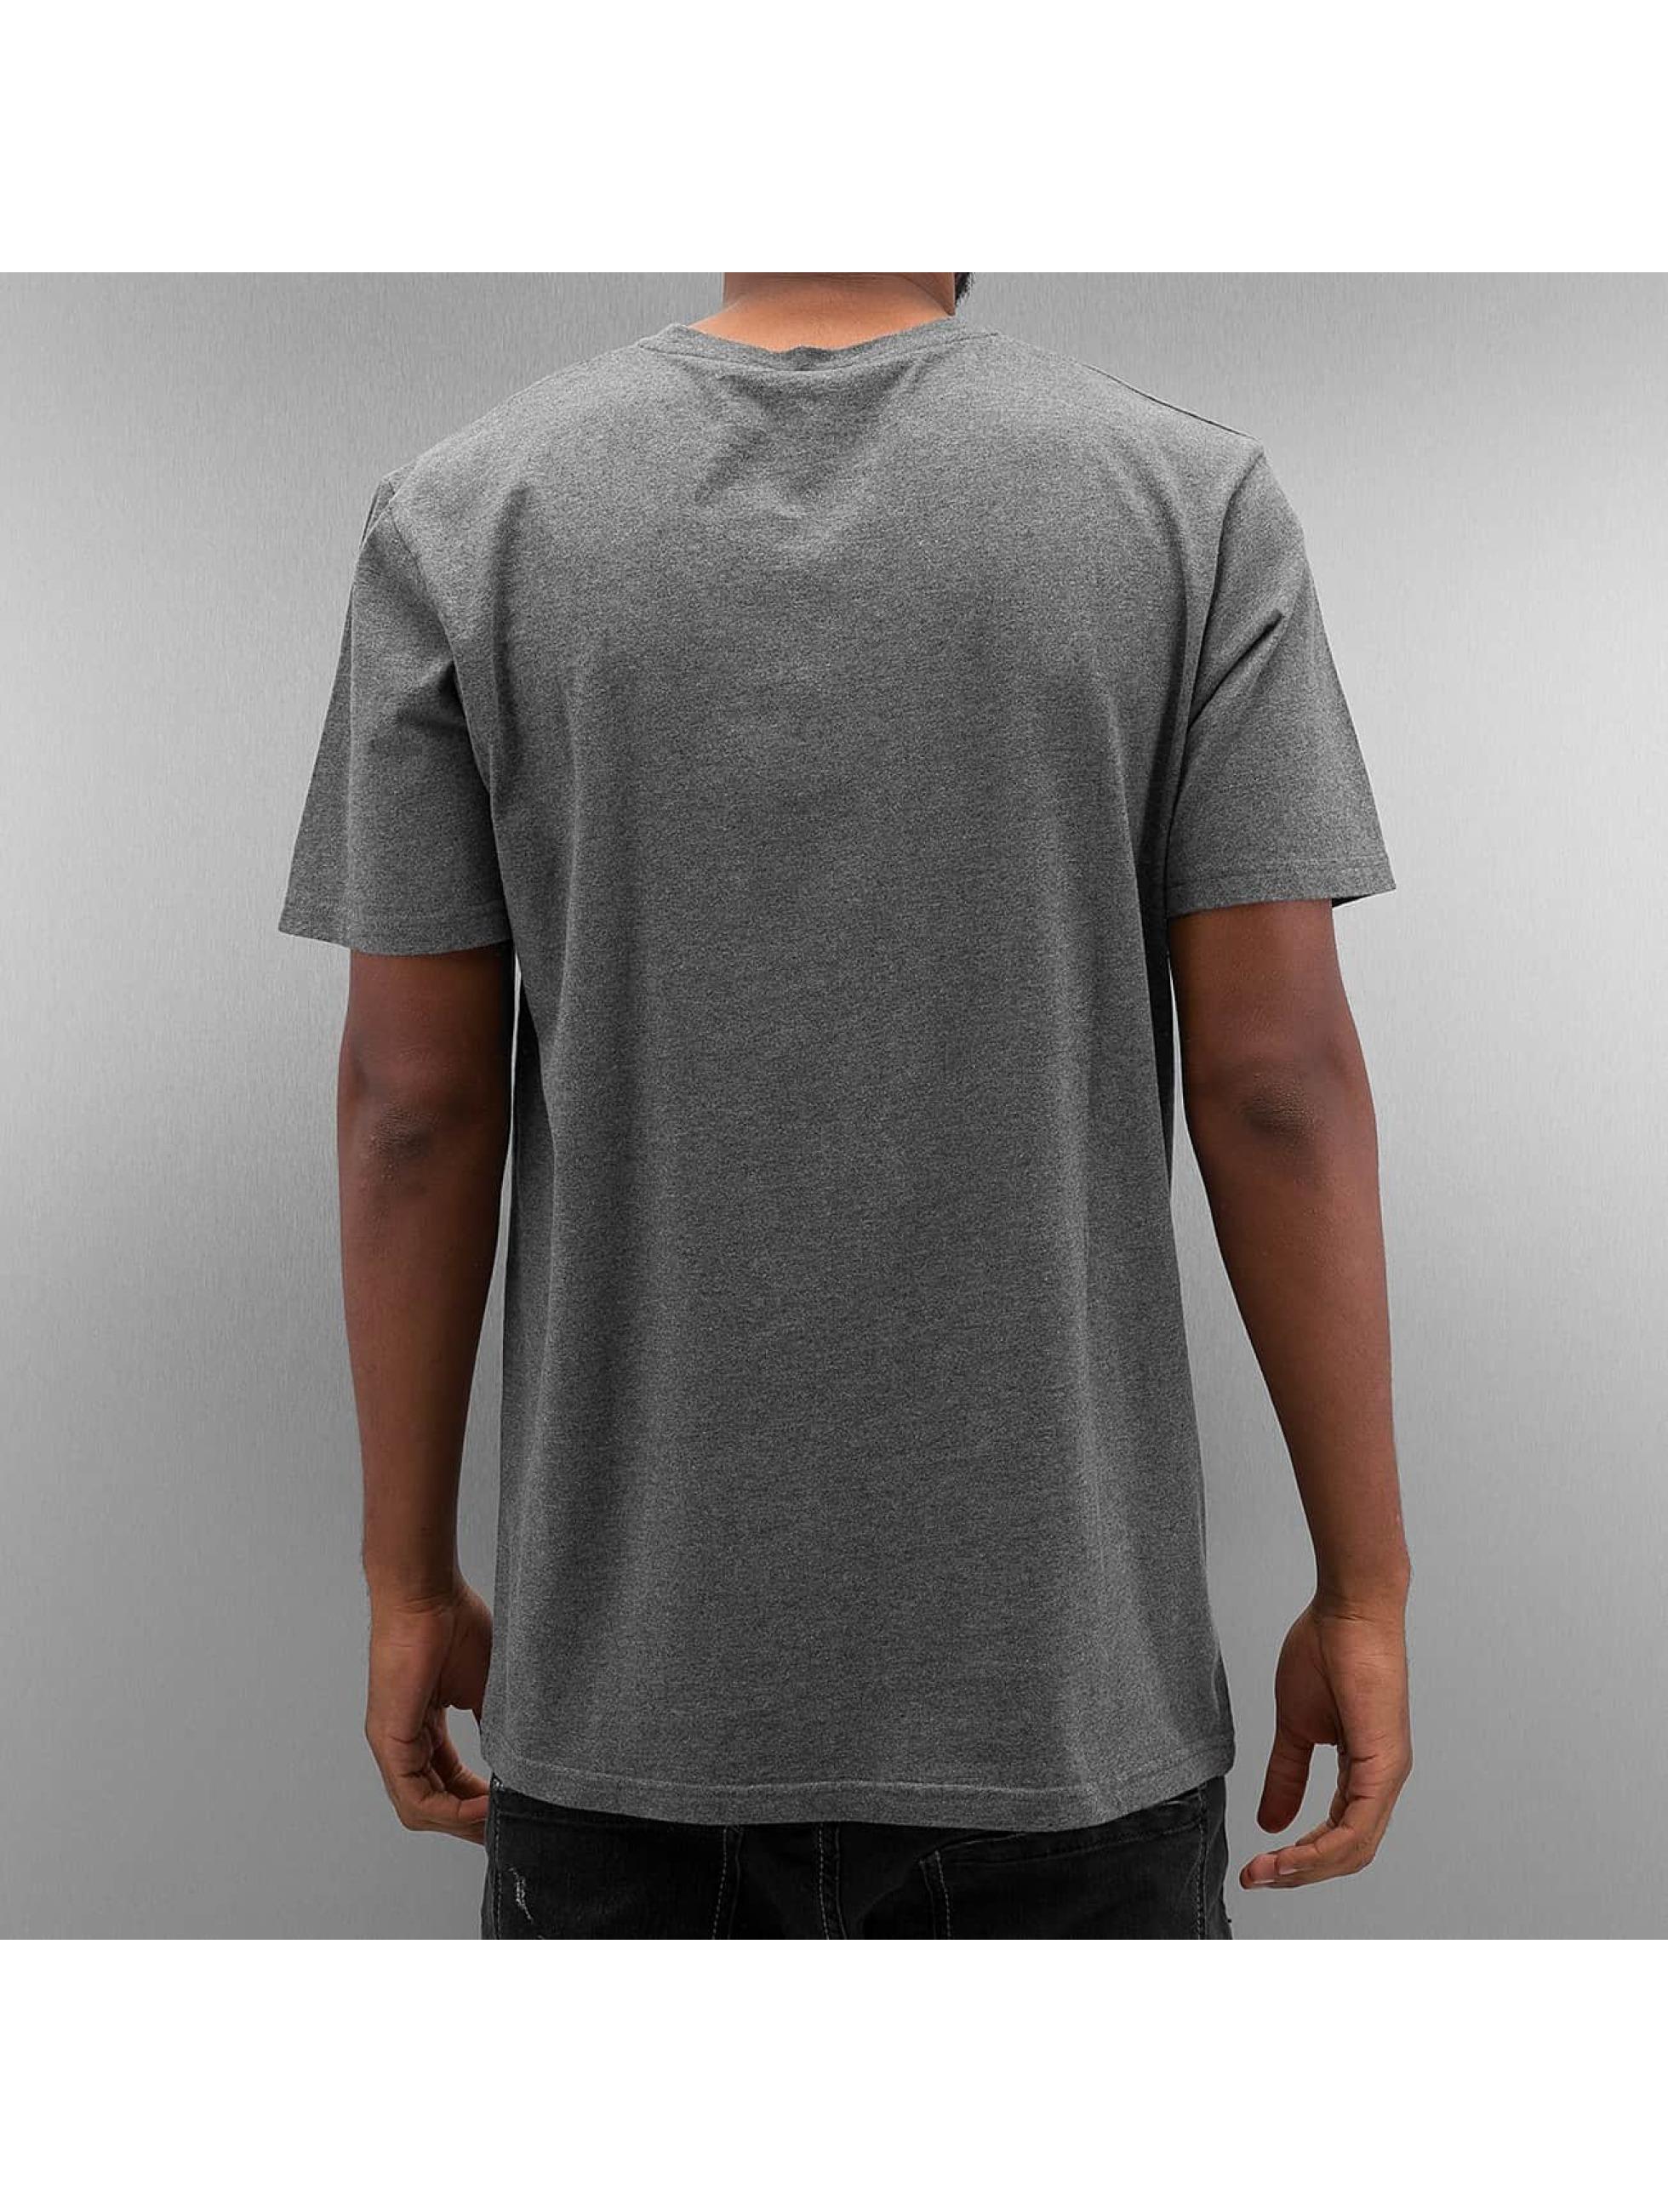 The Dudes T-Shirt Duck grau